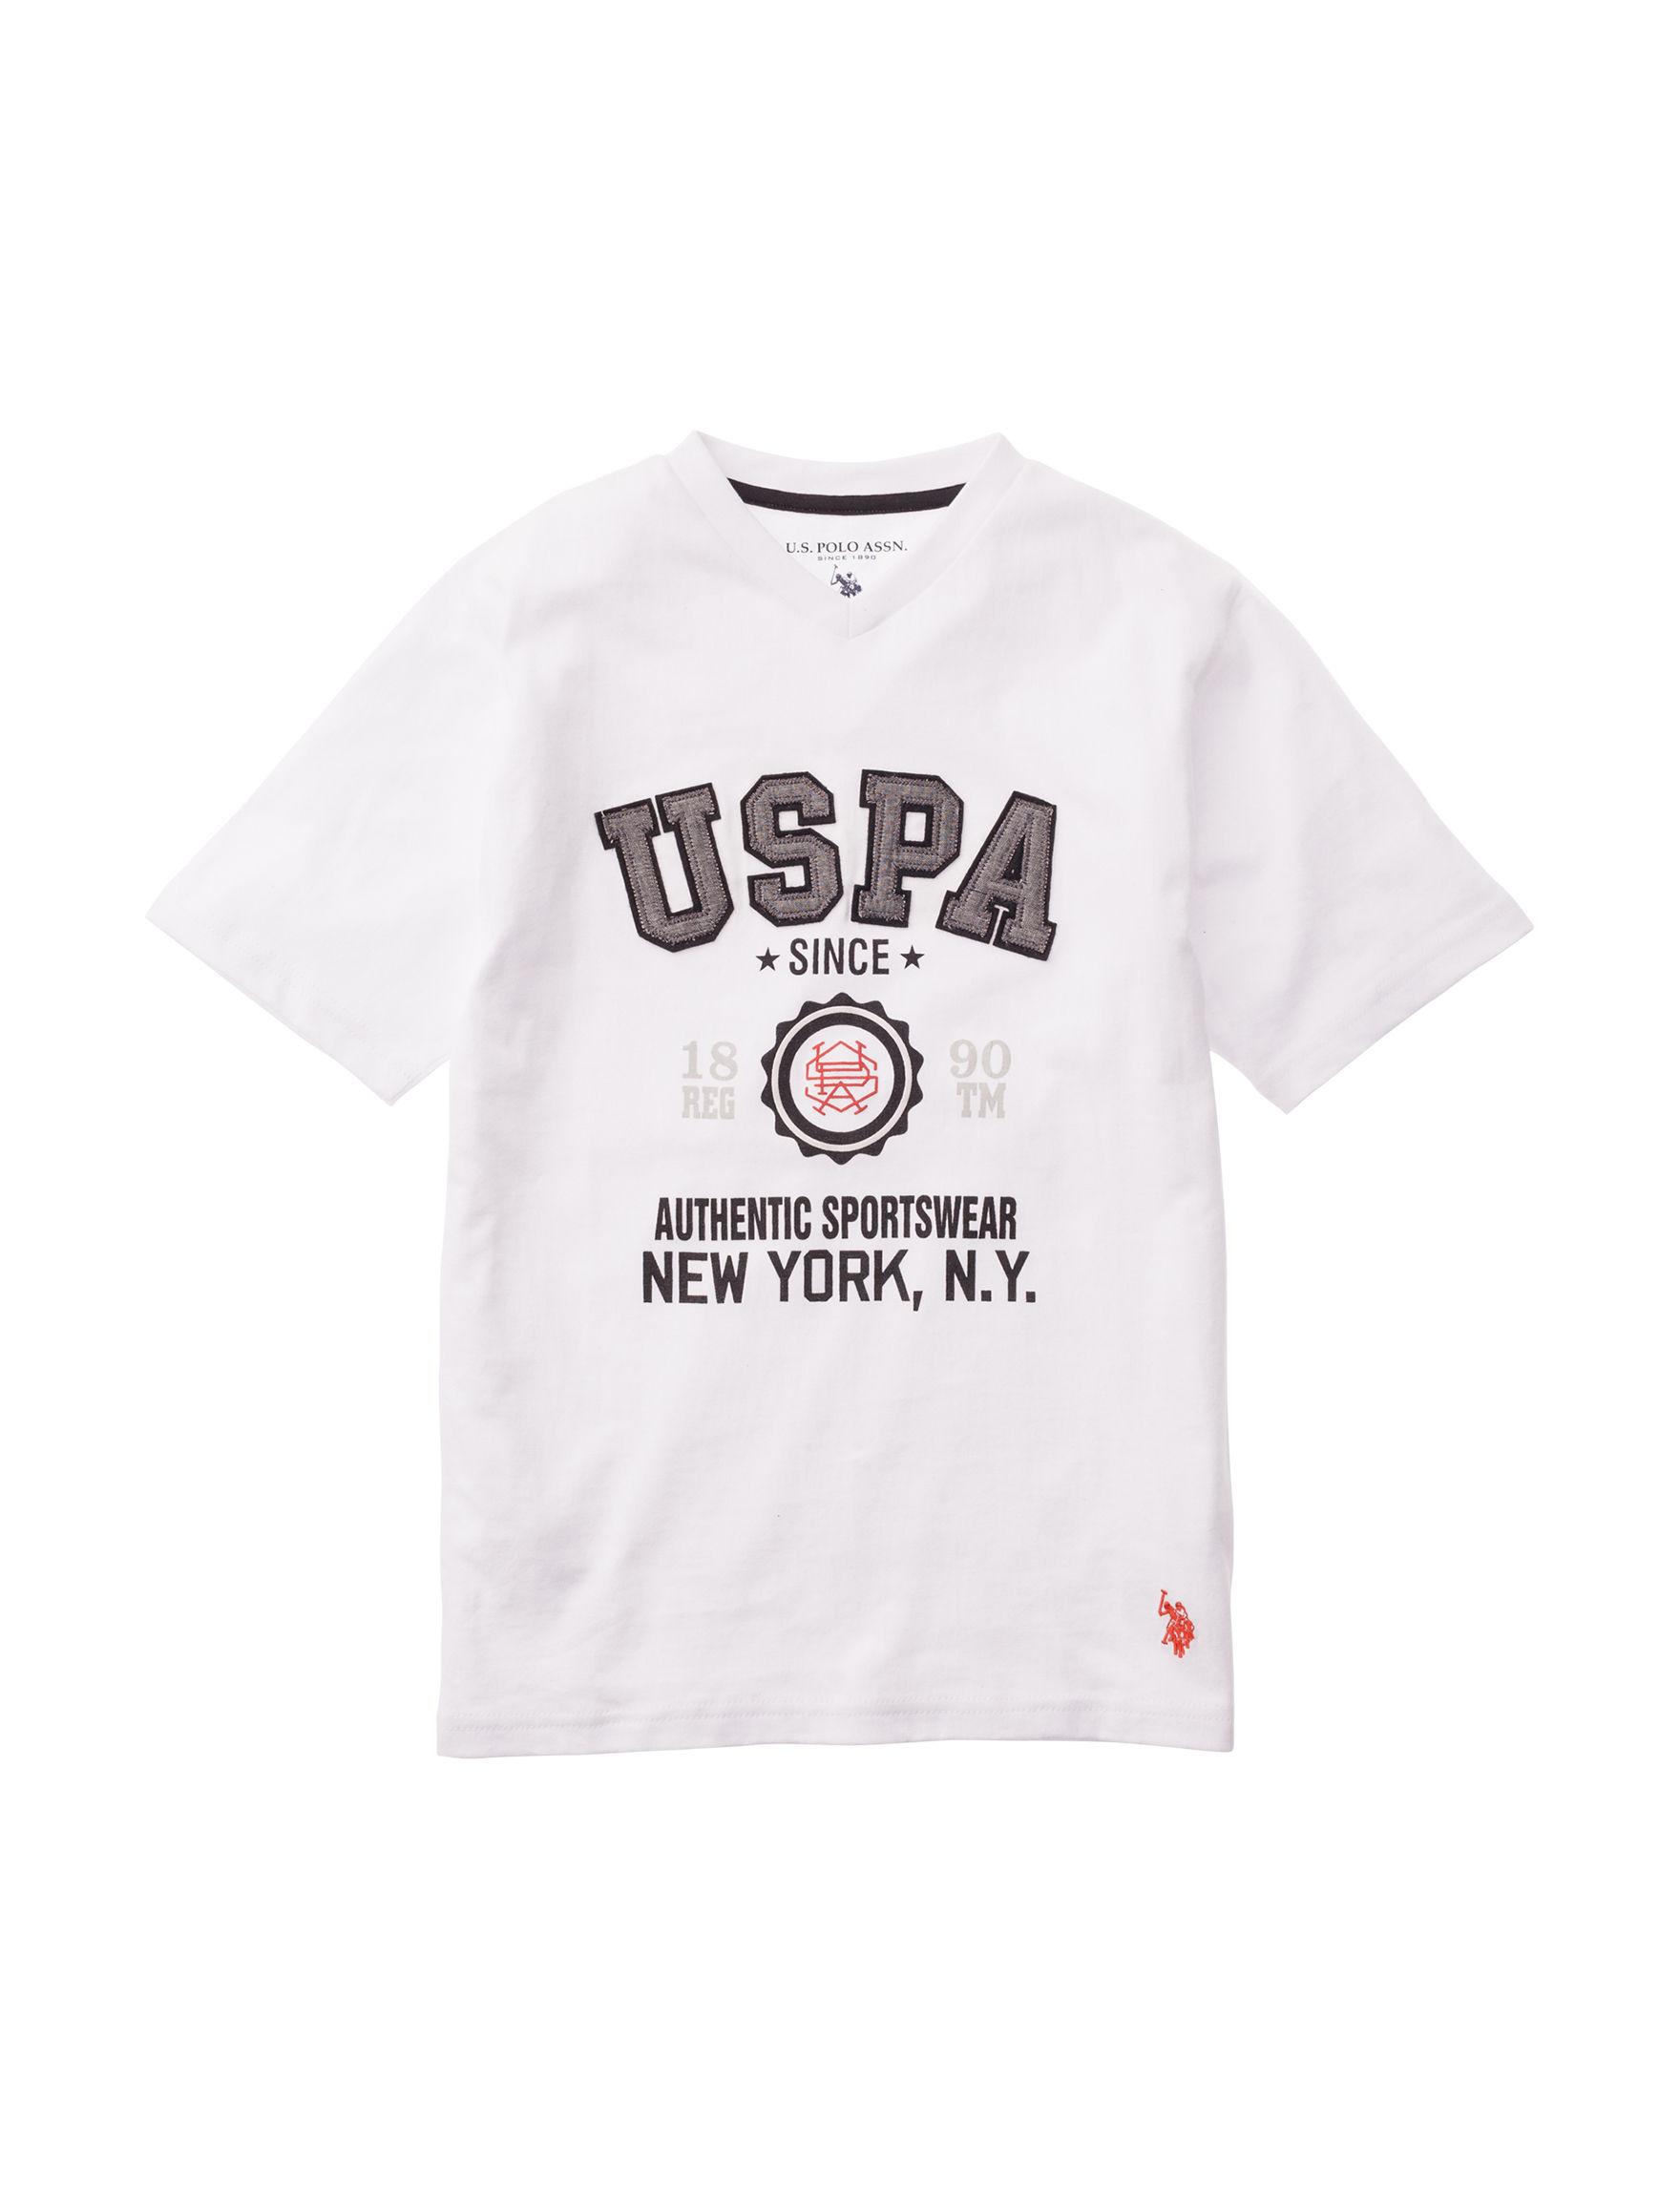 U.S. Polo Assn. White Tees & Tanks